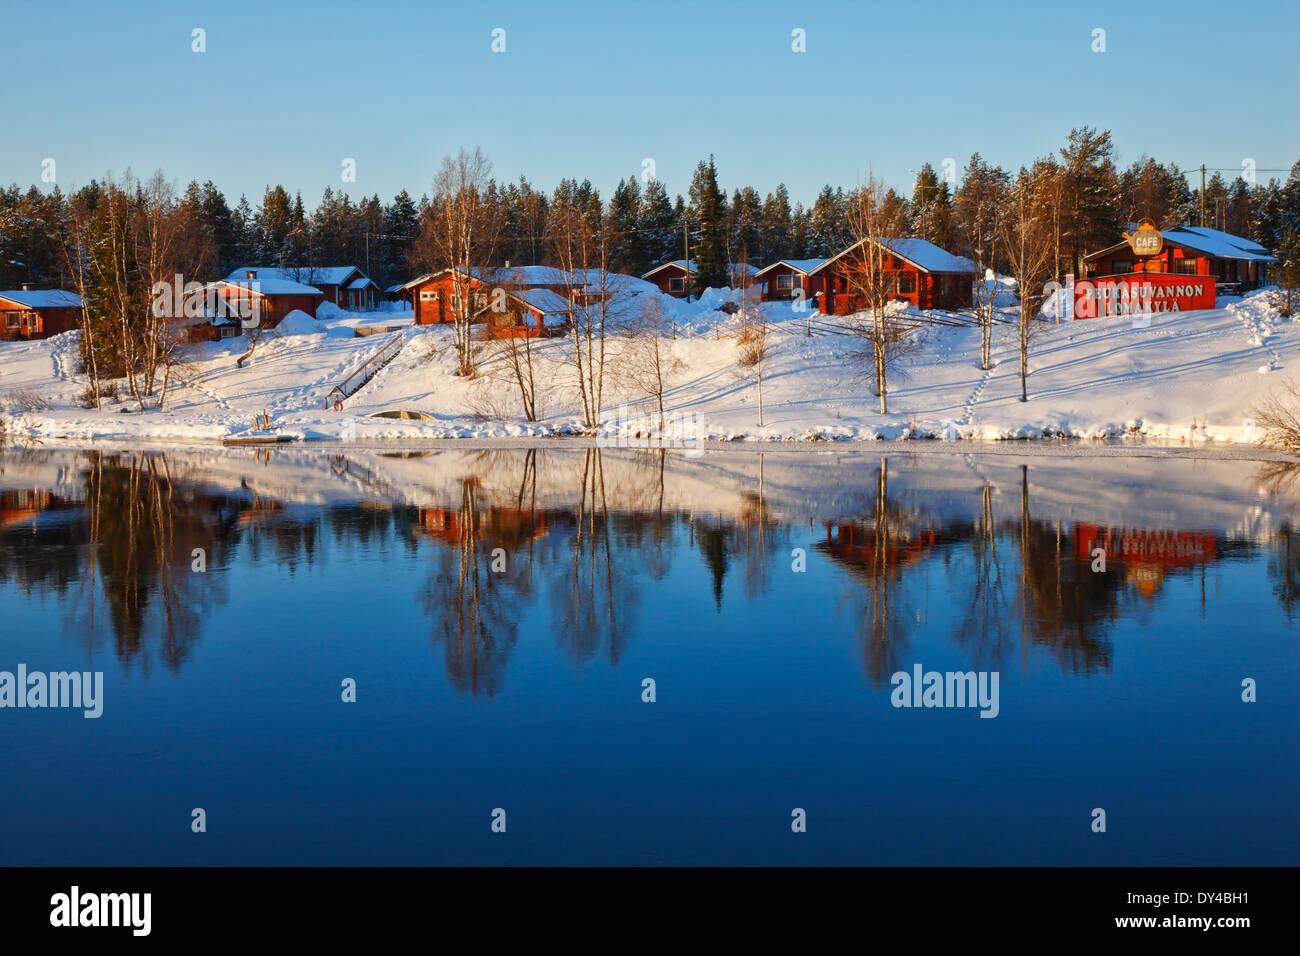 Finland, Lapland Peurasuvannon Lomakylä - Holiday Village - Stock Image